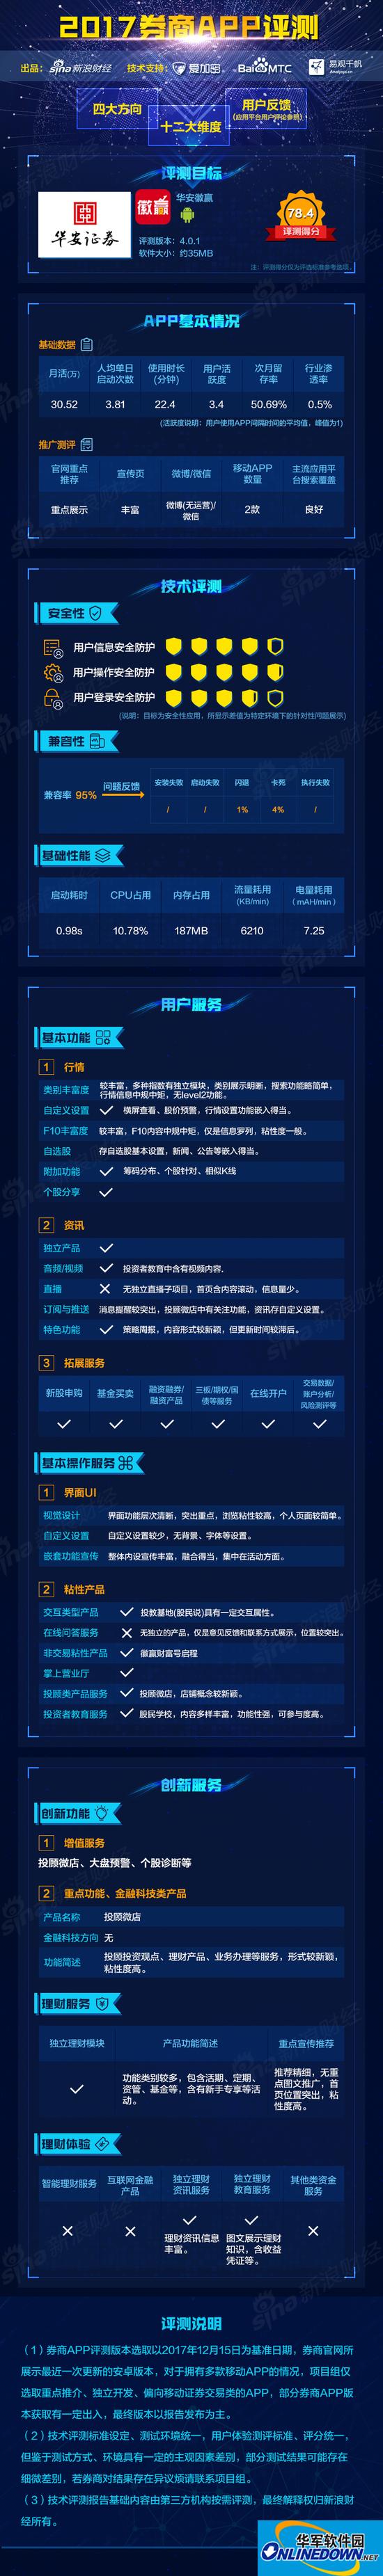 华安证券华安徽赢评测:投顾微店、股民学校概念新颖